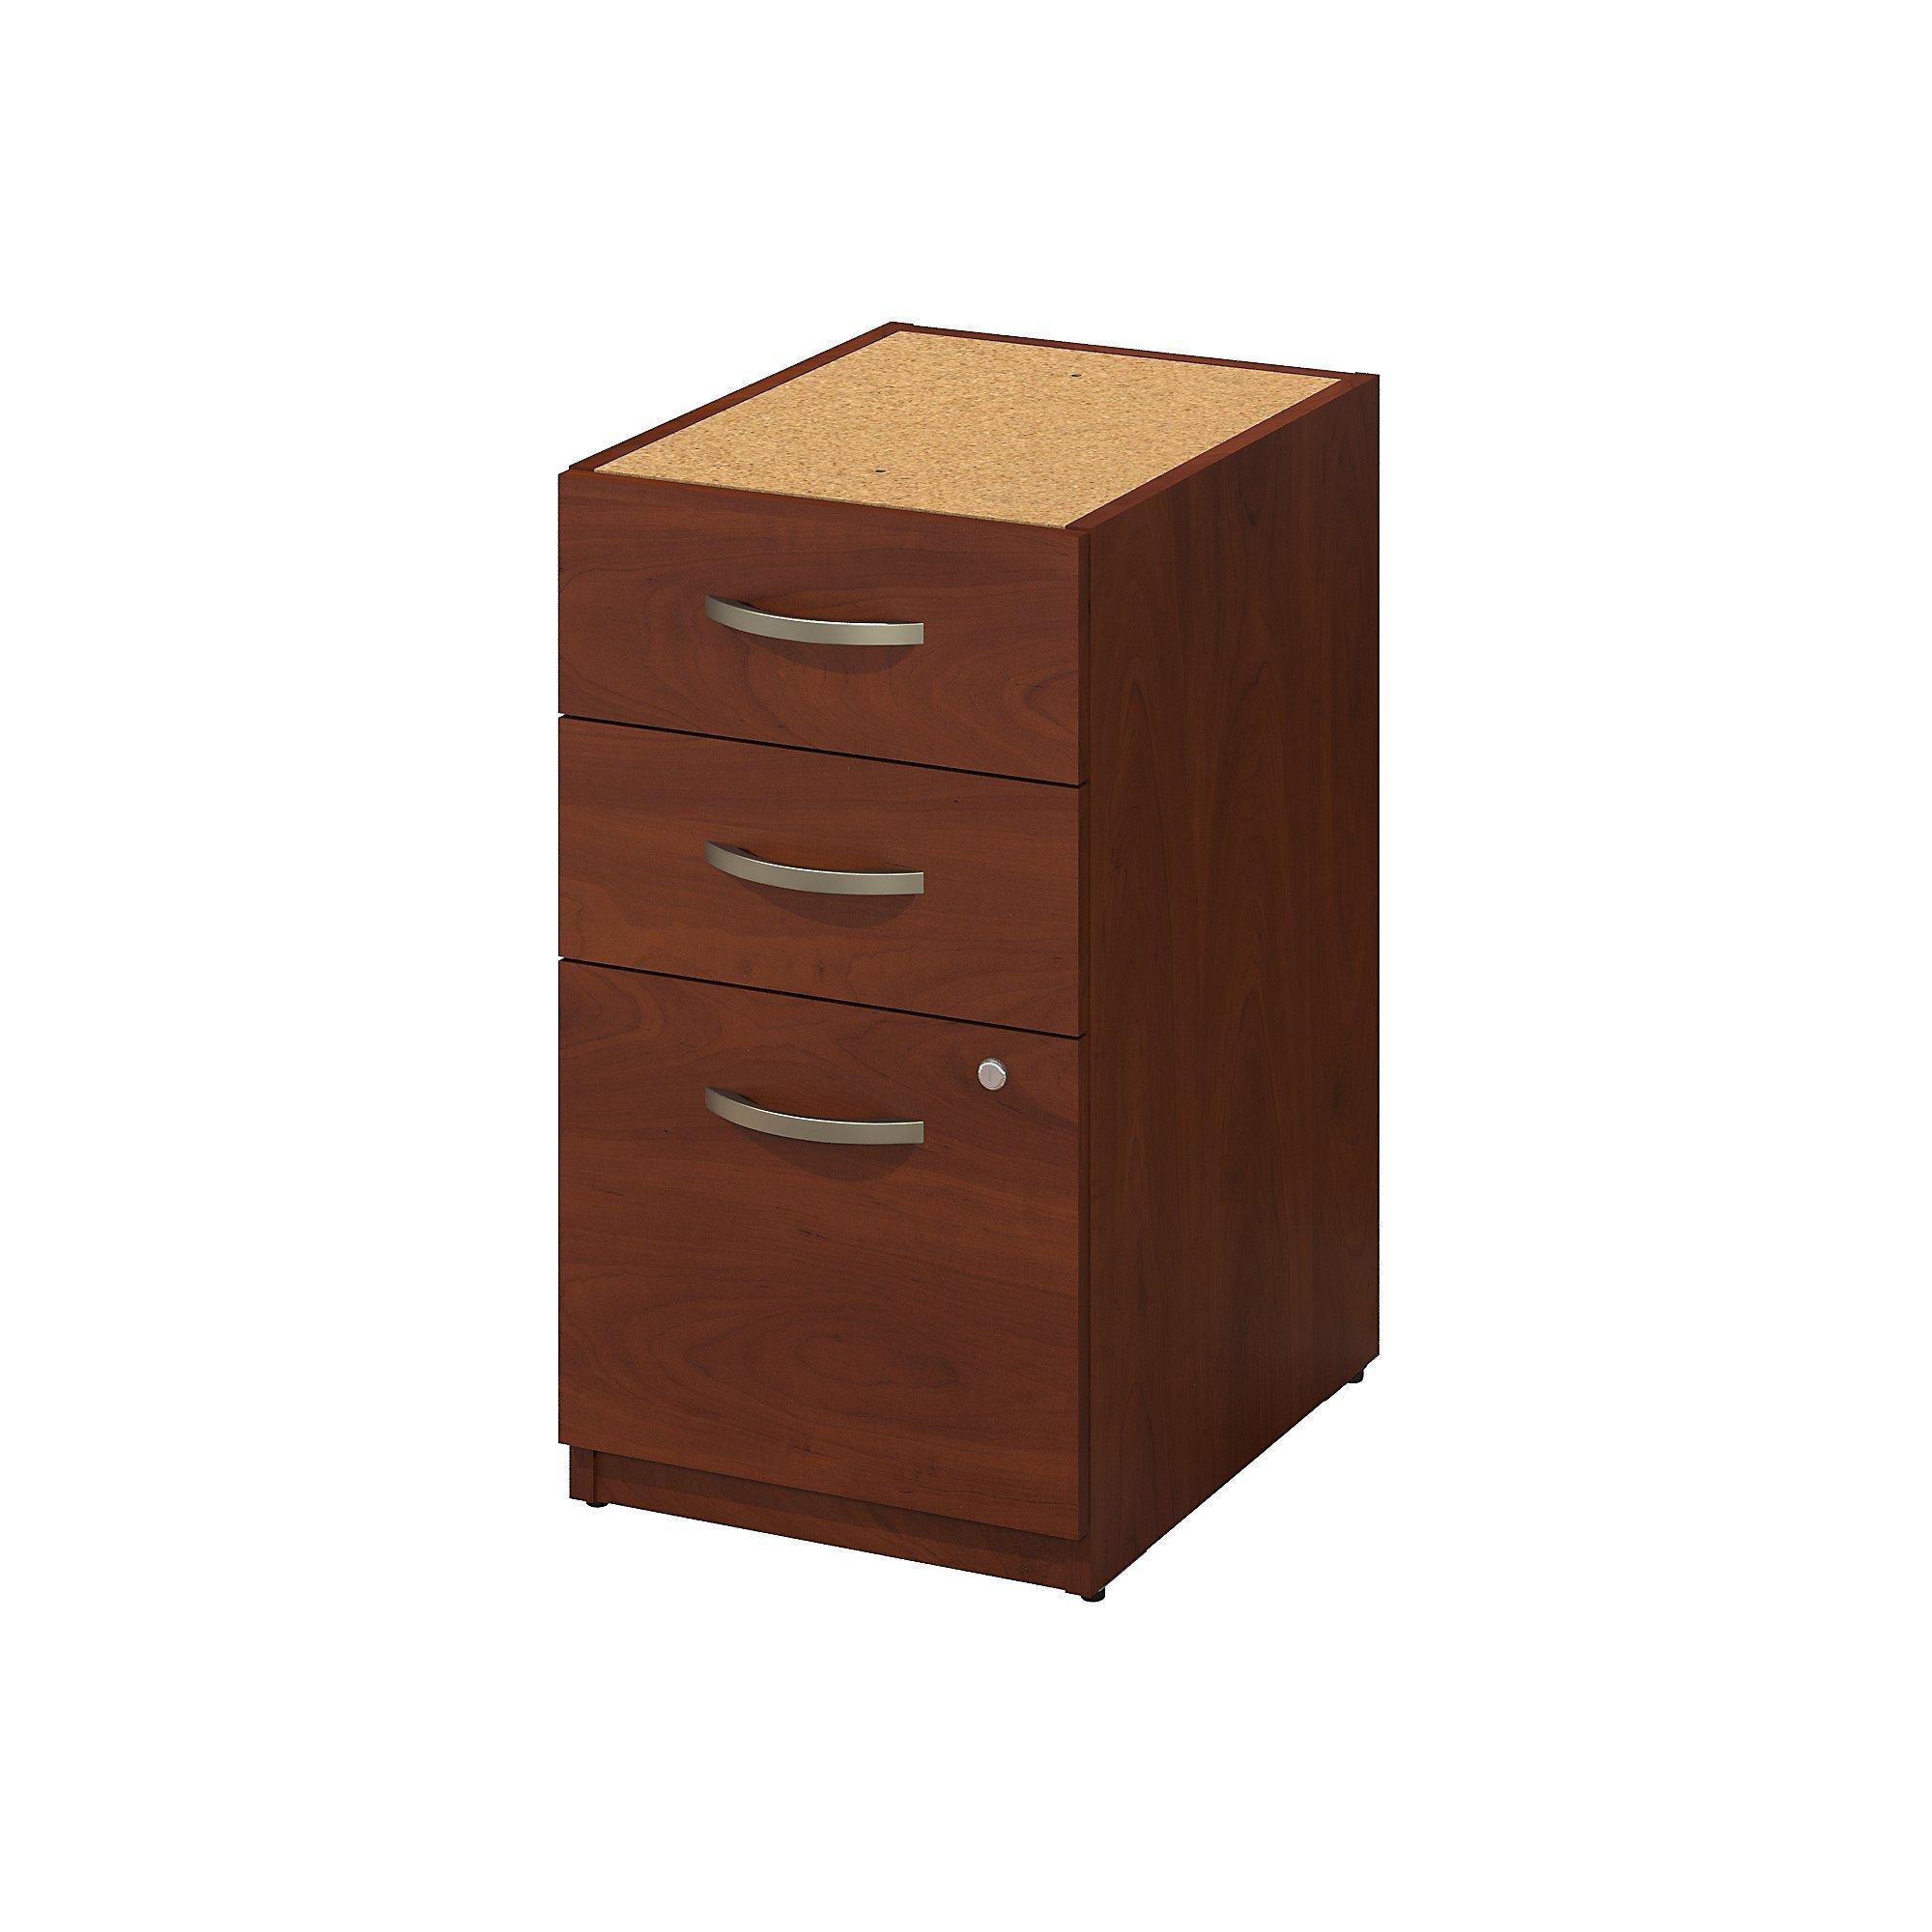 Bush Business Furniture Series C Elite 16W 3 Drawer Pedestal in Hansen Cherry